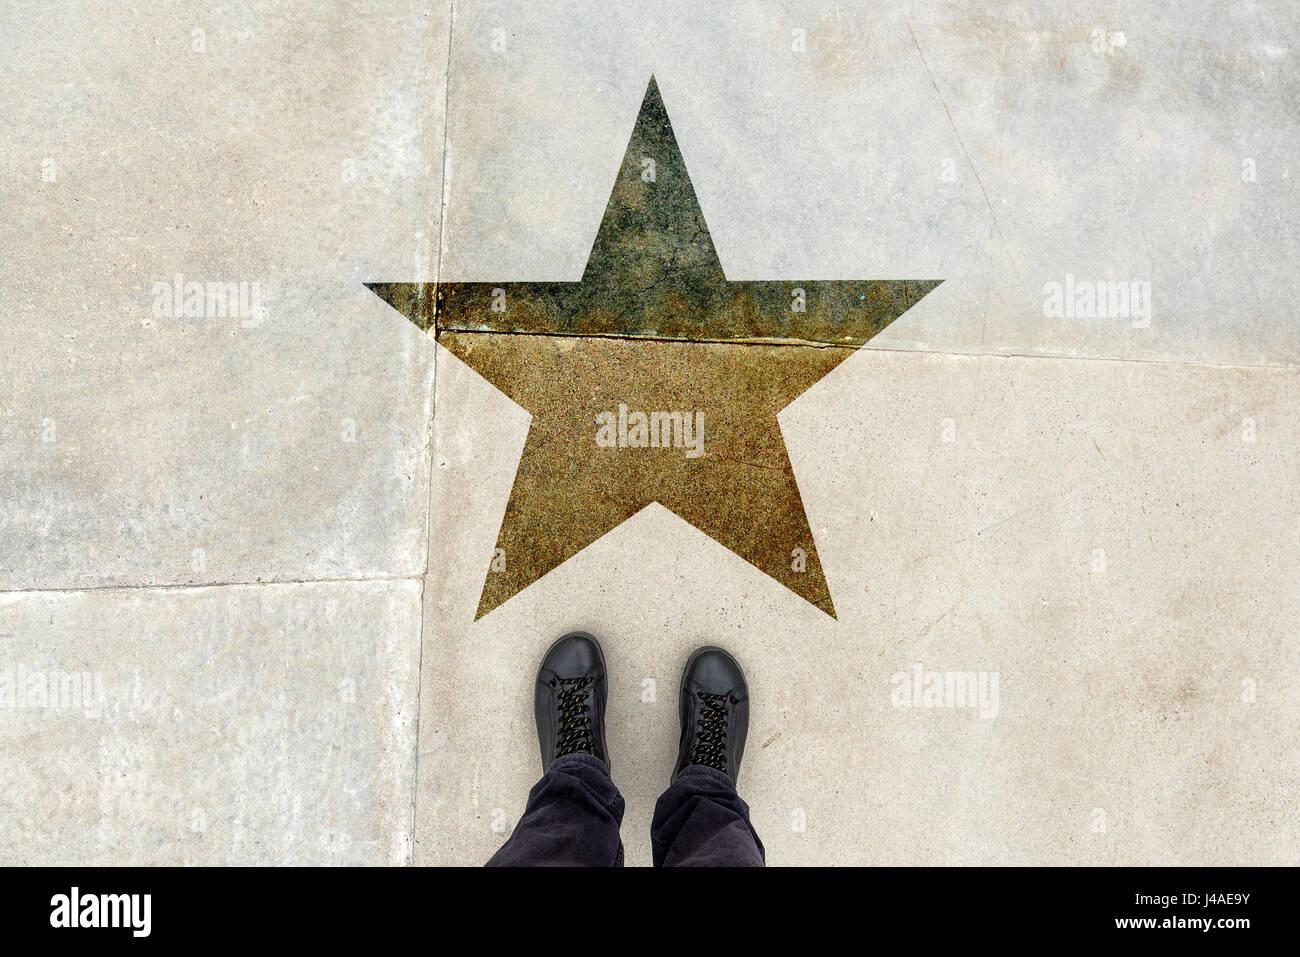 Giovane talento uomo sulla strada con forma a stella imprint - talento, abilità persona di talento, vip, premio Immagini Stock